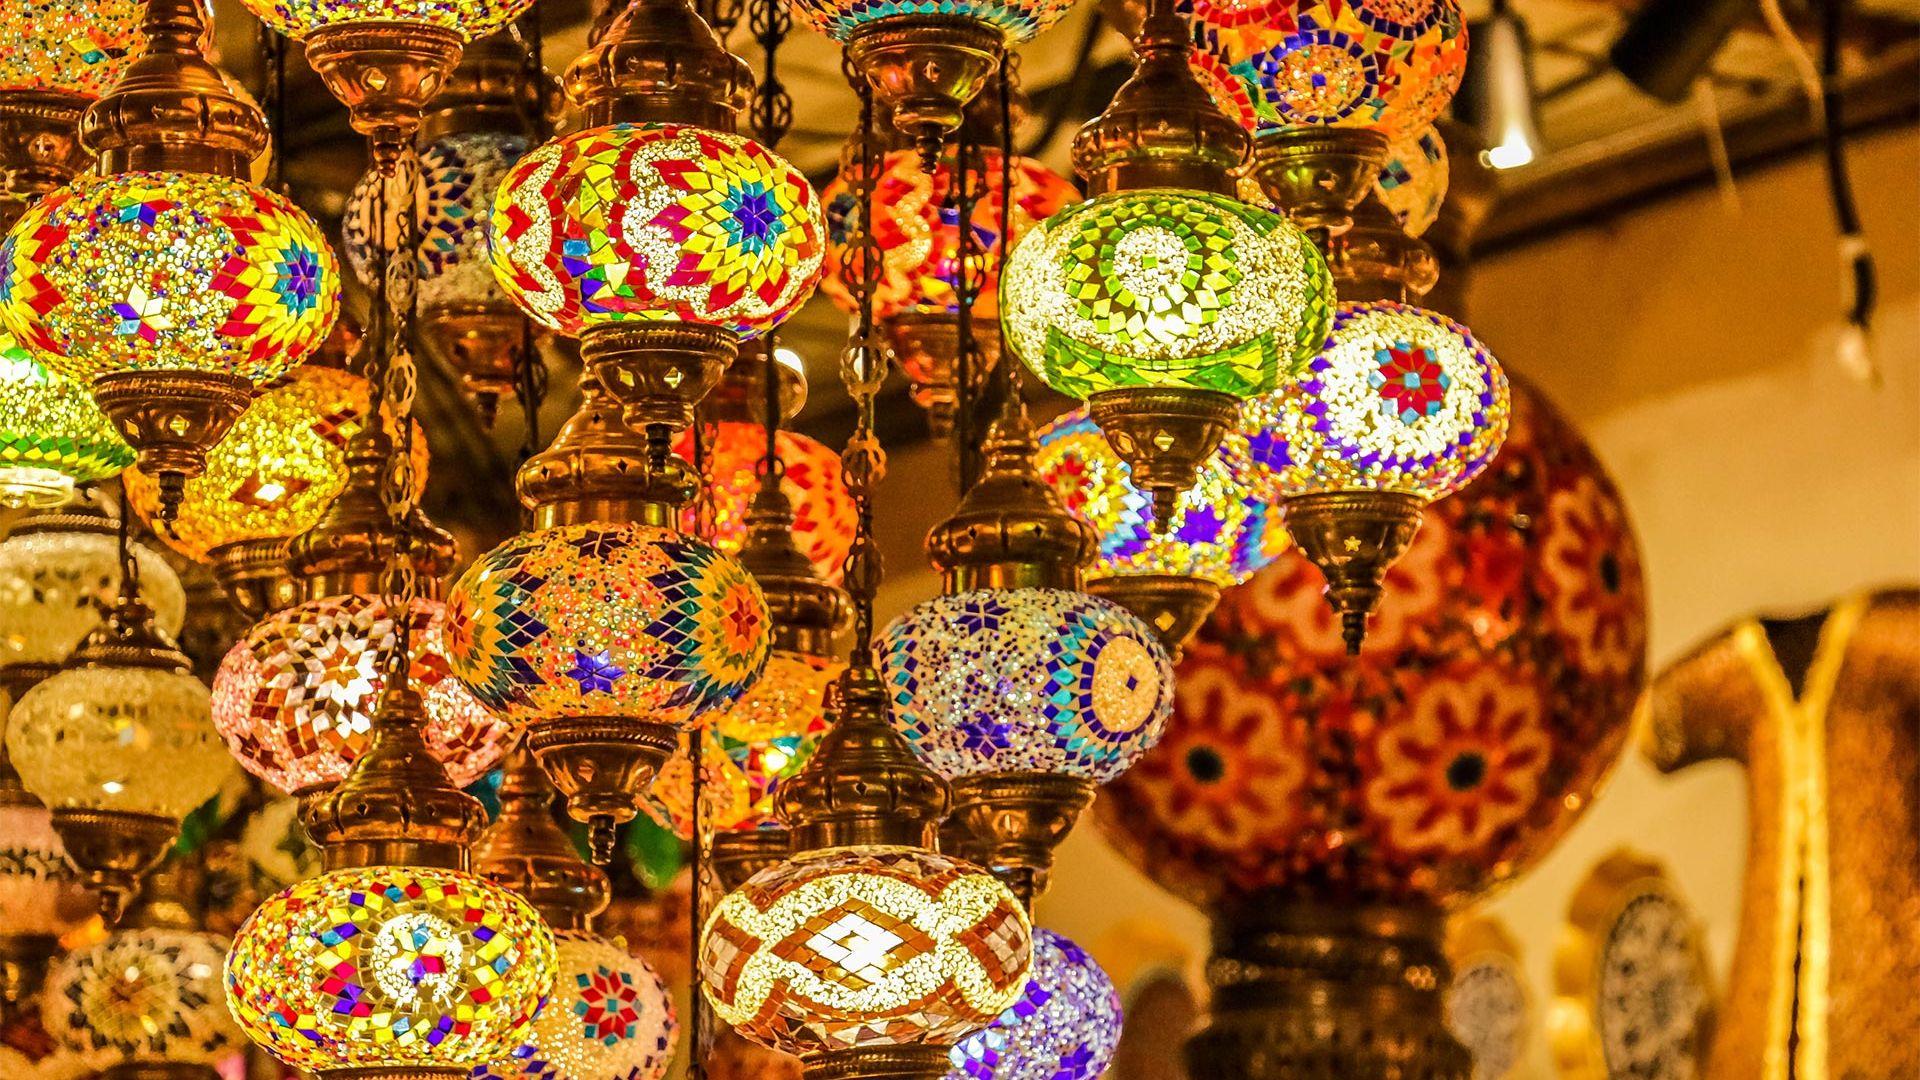 Best Deal Travelhubx - Sejur plaja charter Dubai - 7 zile - 4 ianuarie 2022